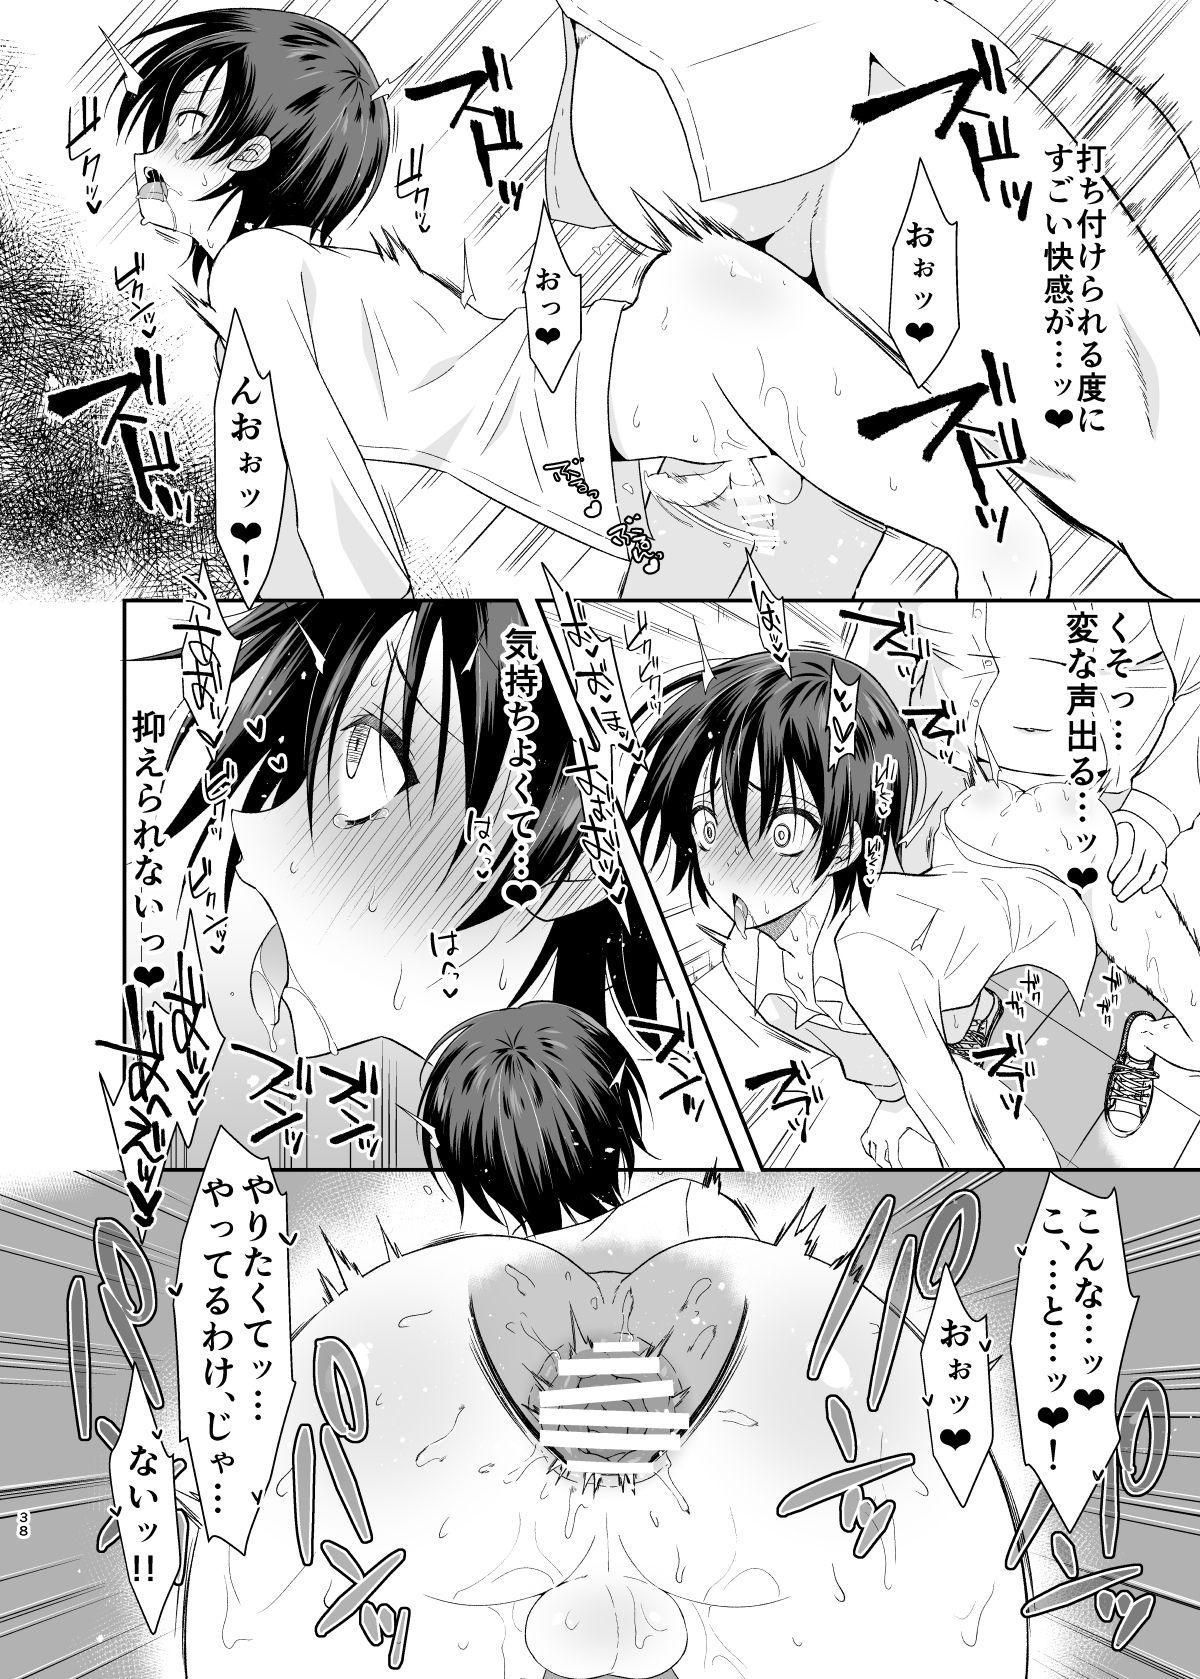 Ane no Kareshi no Furi o Shitetara Oji-san ni Otosareta Ore 36